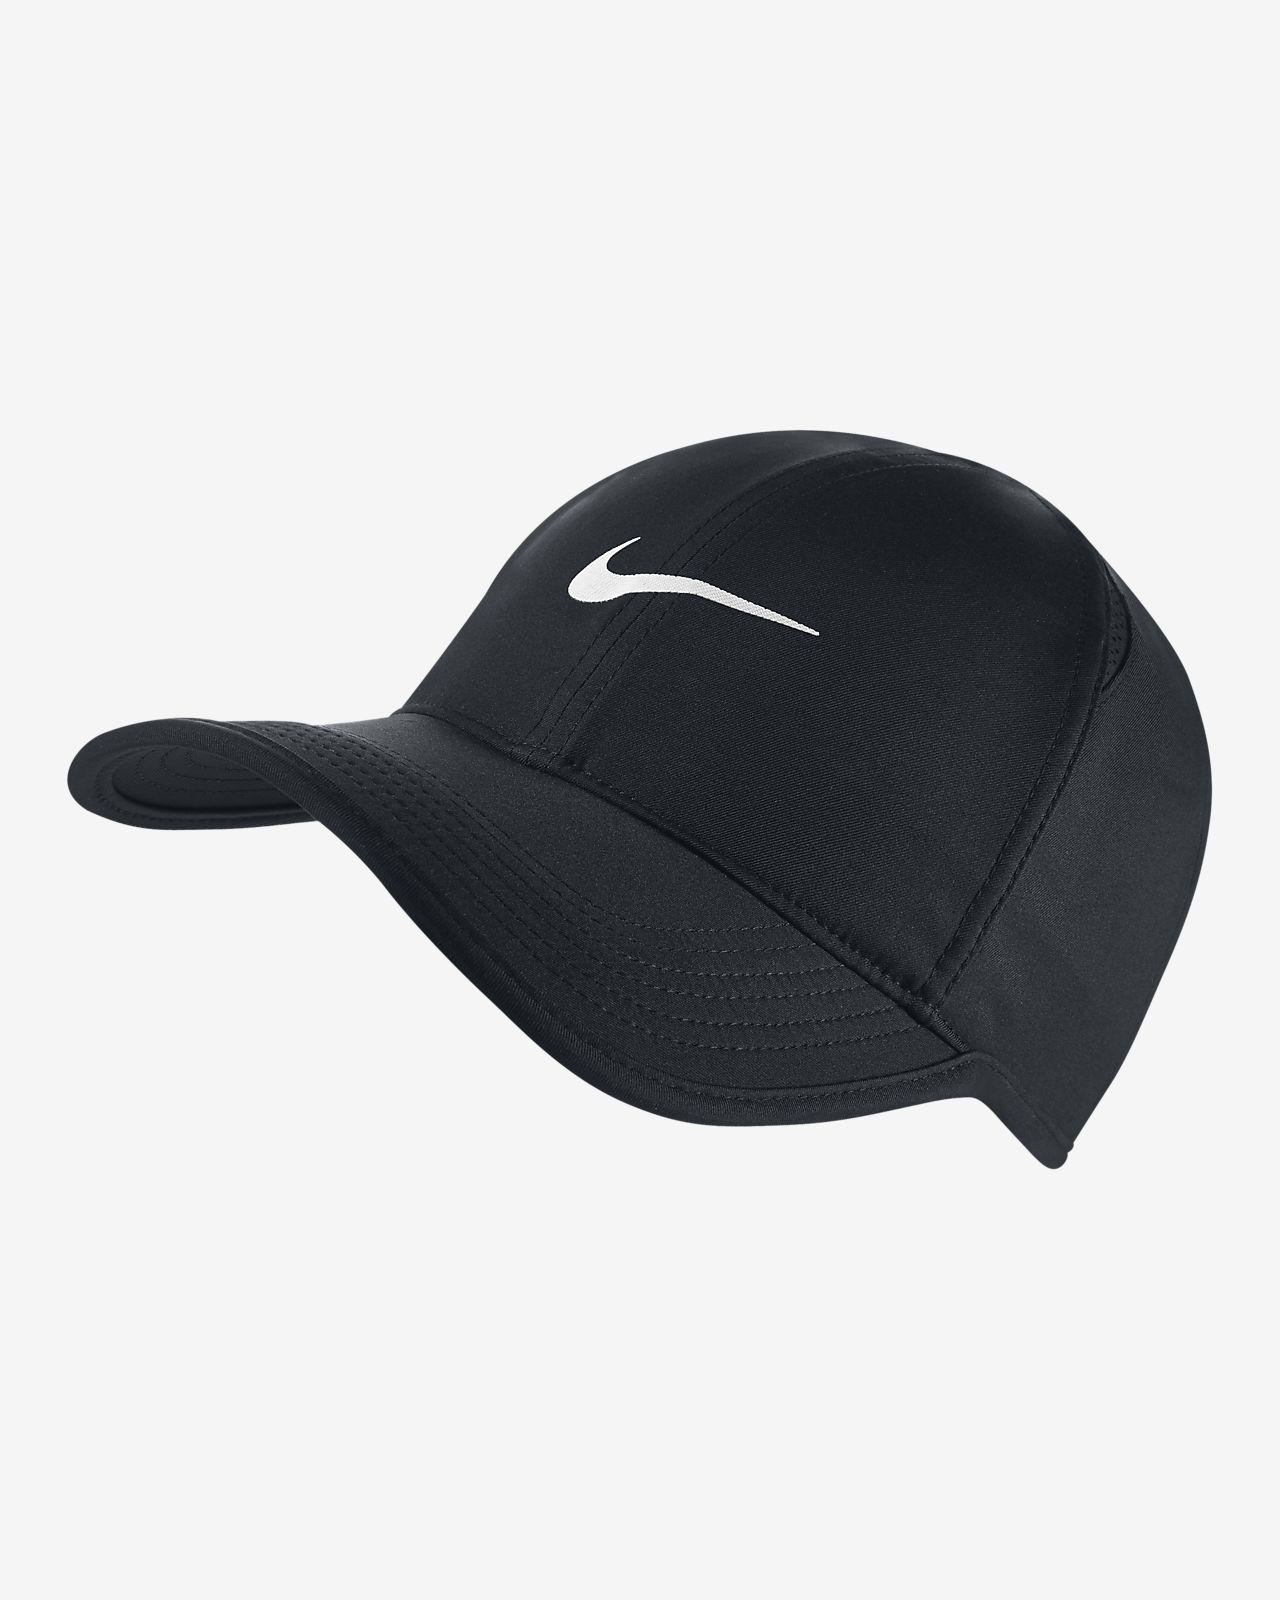 NikeCourt AeroBill Featherlight Tennis-Cap